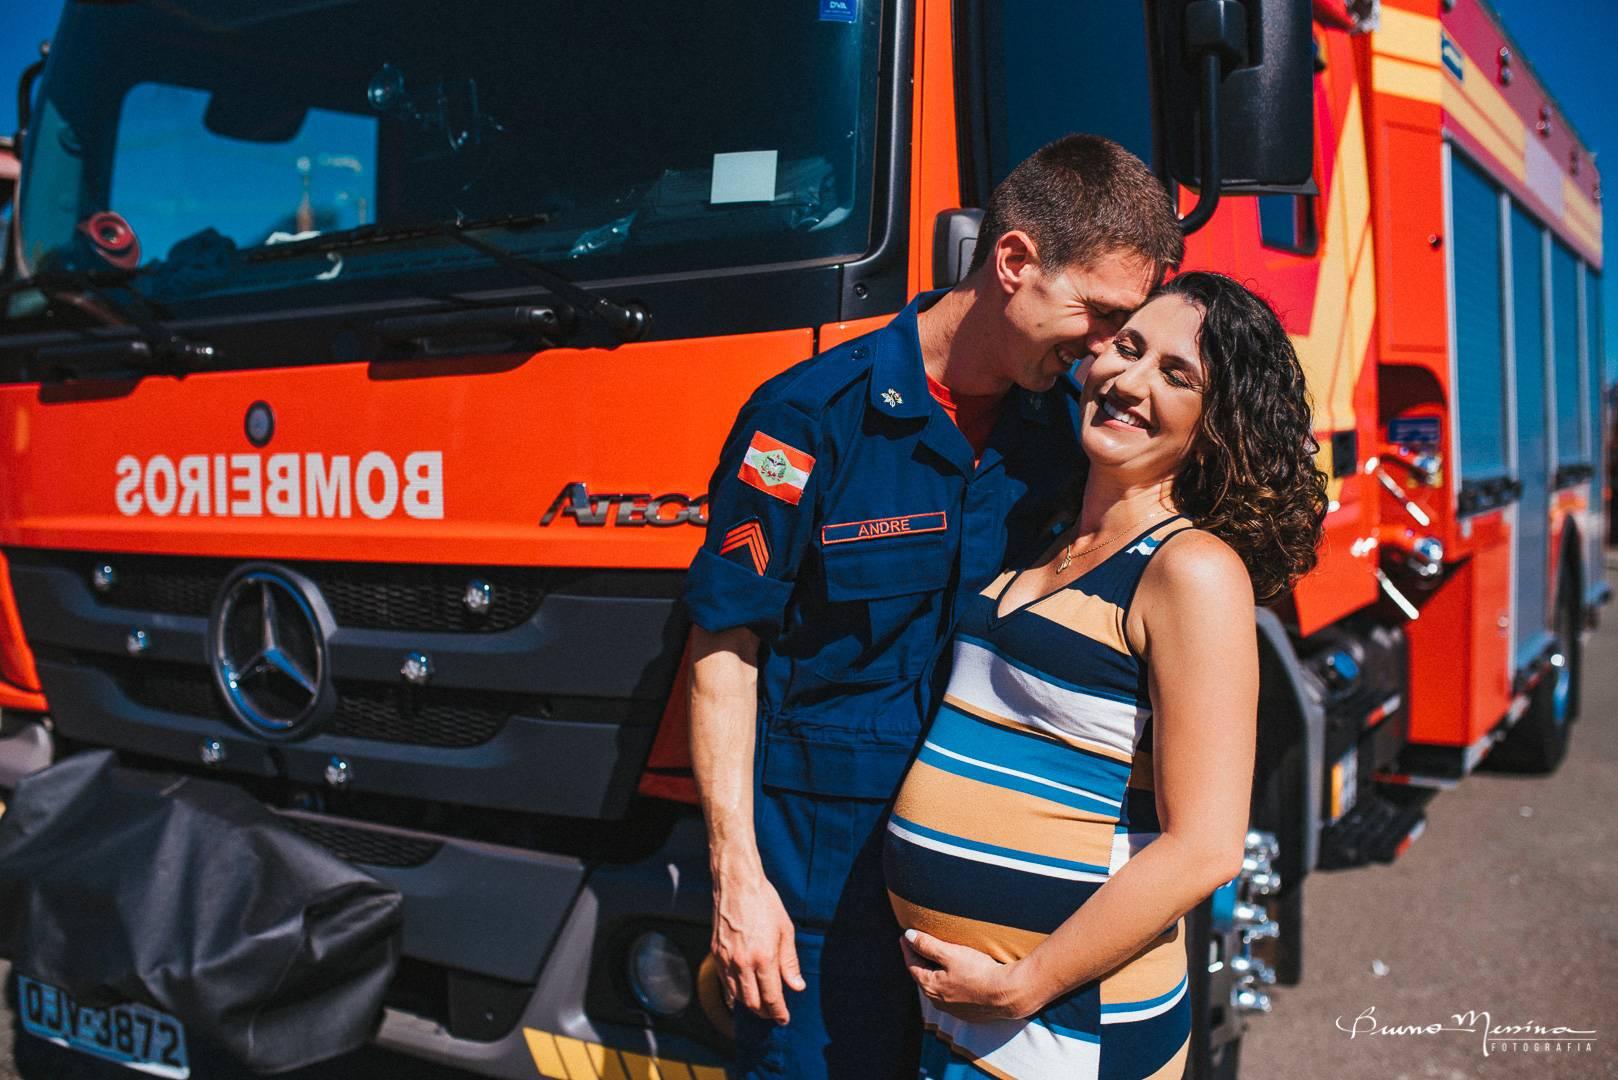 ensaio gestante nos bombeiros - fotos gestante nos bombeiros - fotógrafo de gestante - fotografia de gestante - ensaio no corpo de Bombeiros